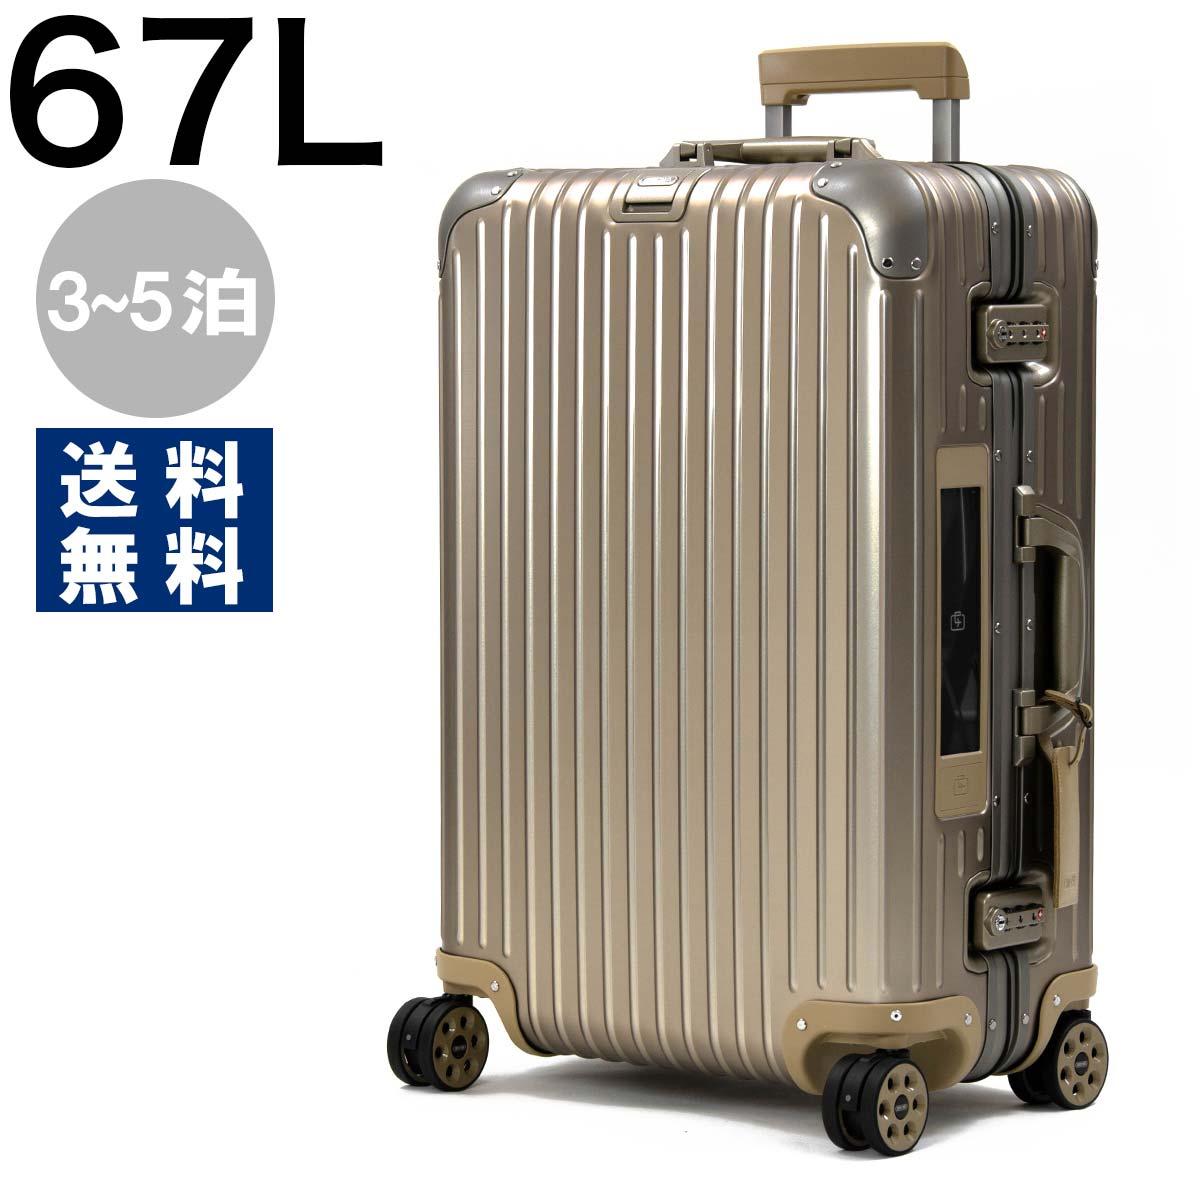 リモワ スーツケース/旅行用バッグ バッグ メンズ レディース トパーズ チタニウム ELECTRONIC TAG 67L シャンパンゴールド 92463035 RIMOWA